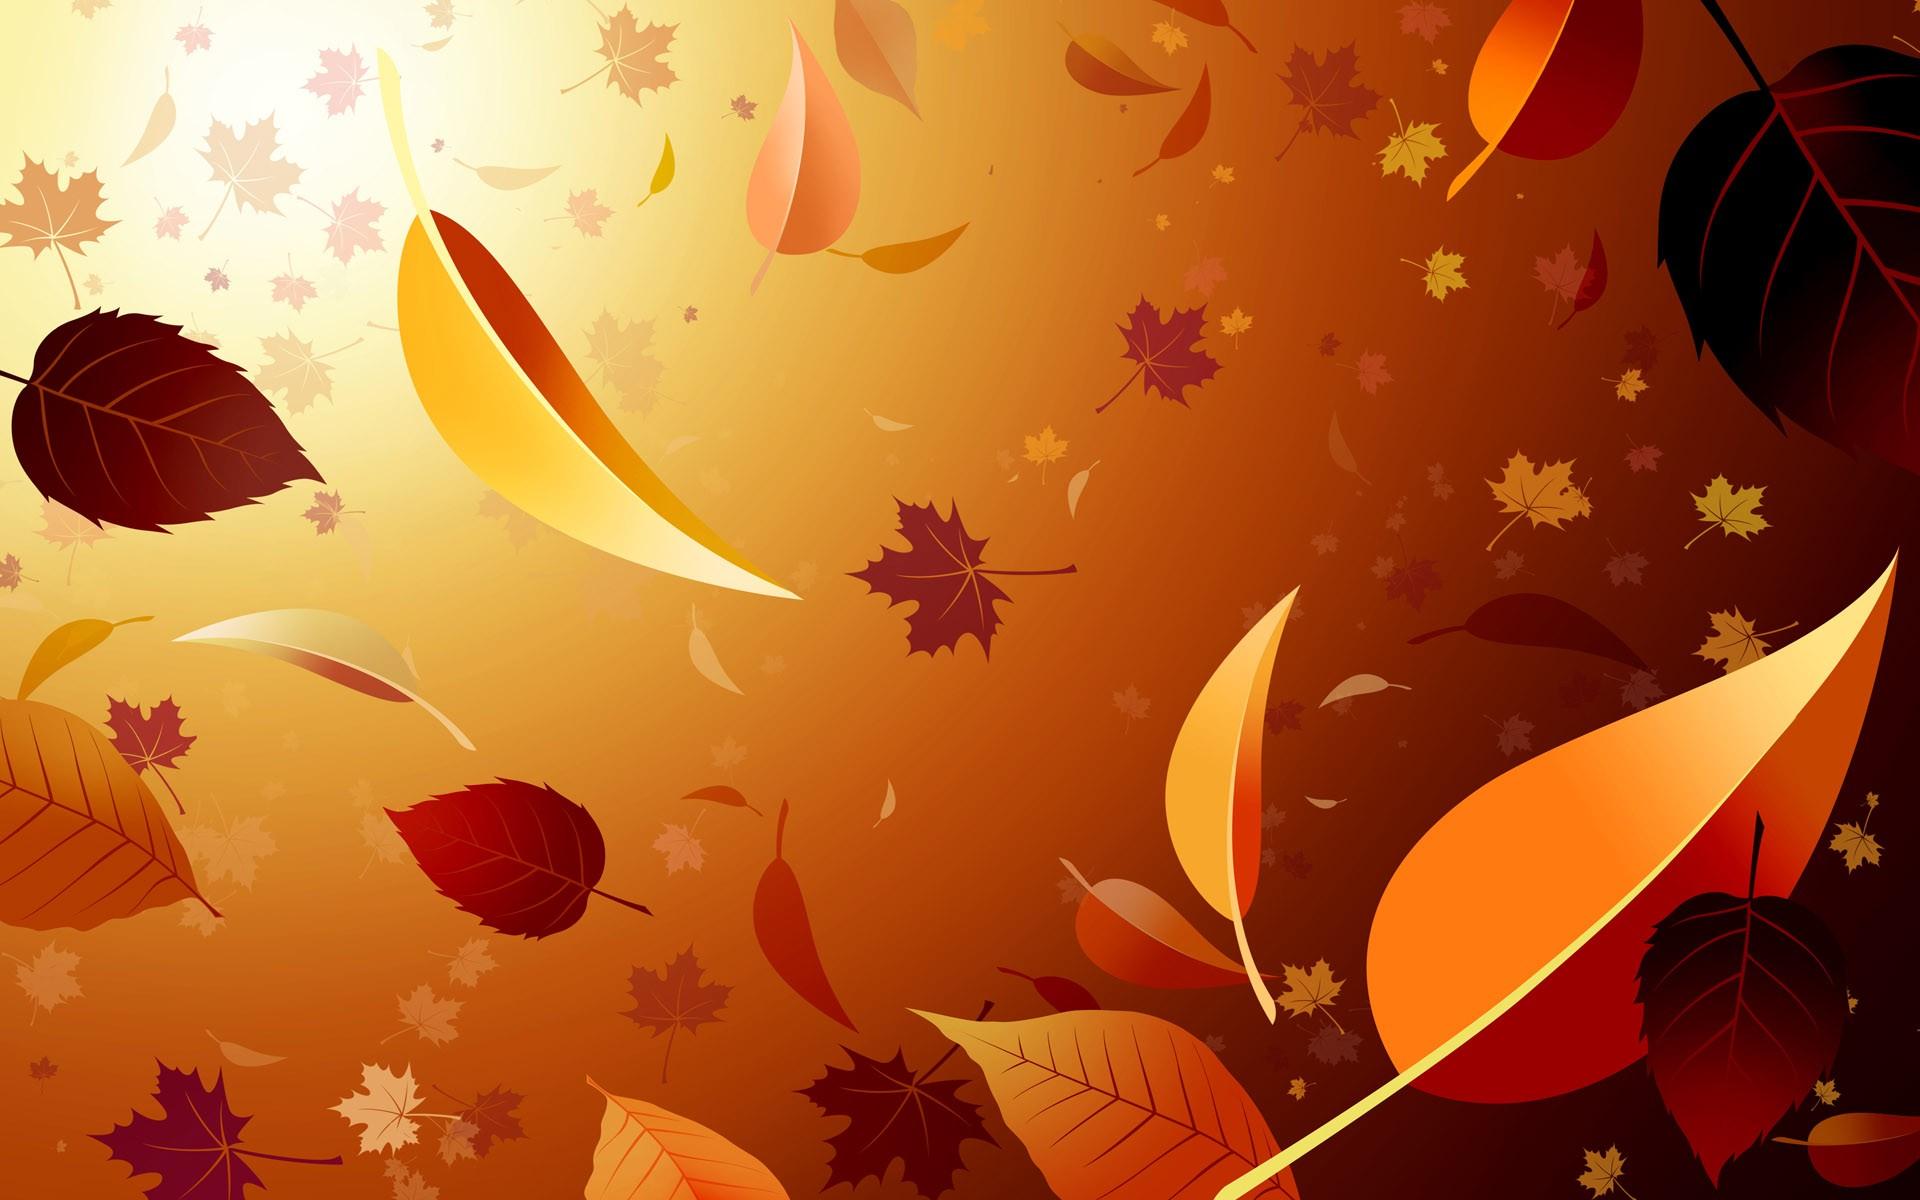 листопад, осень, скачать фото, обои для рабочего стола, листья